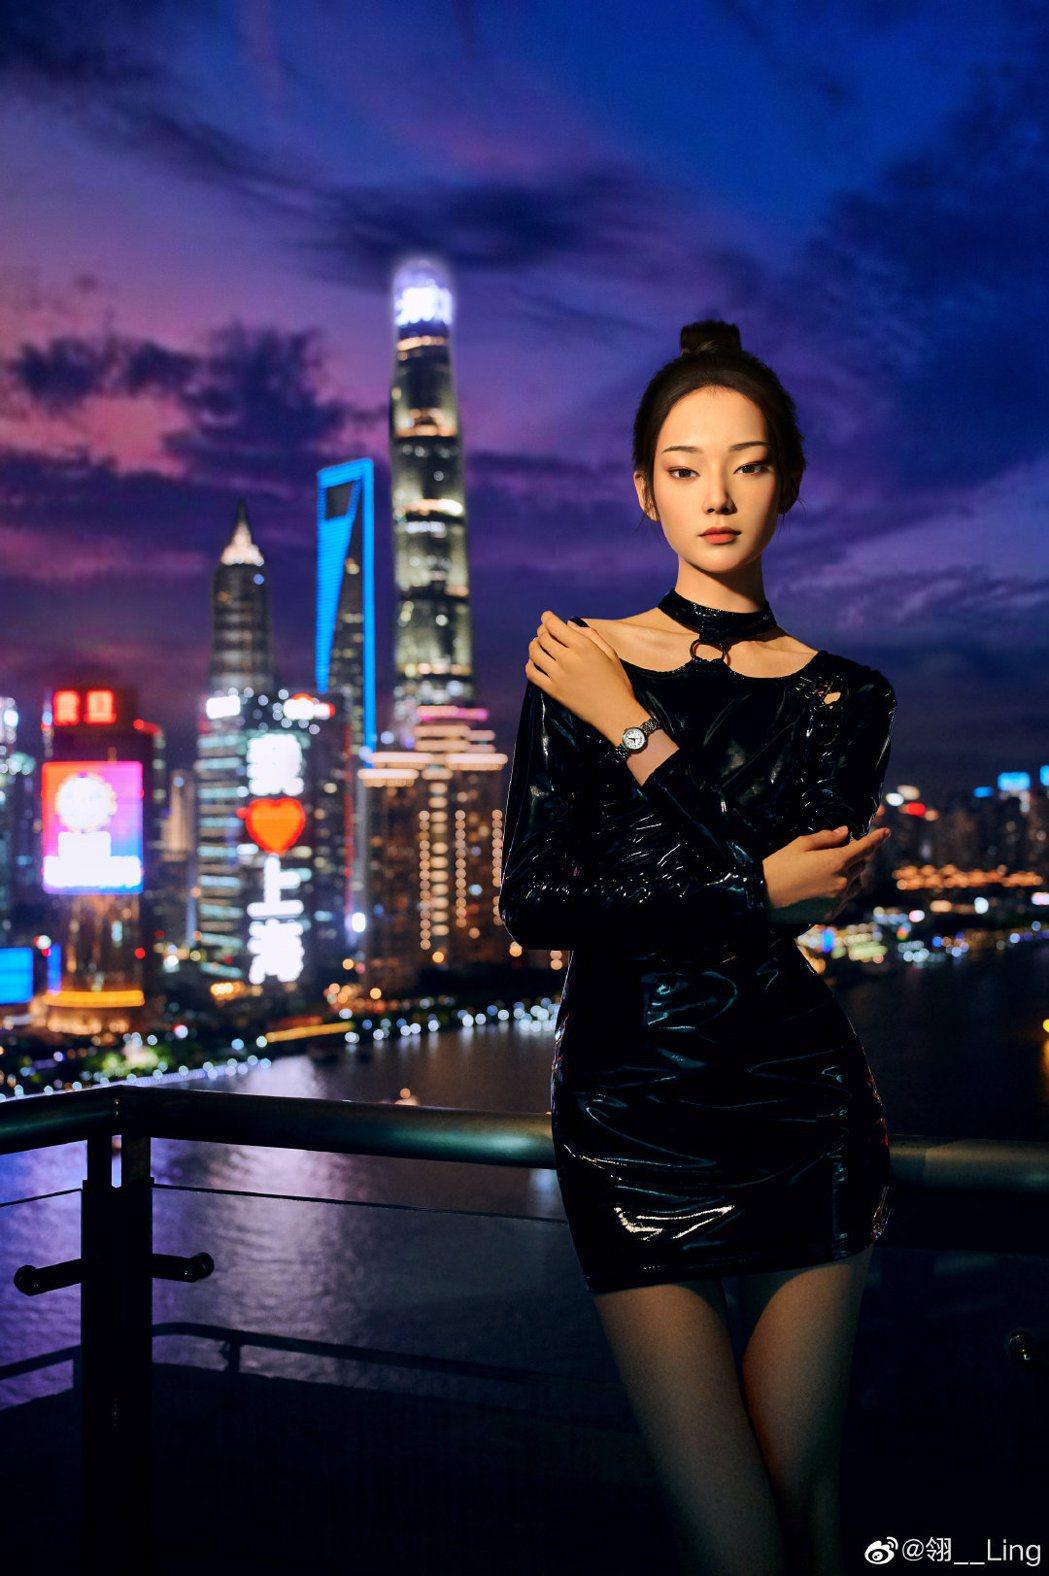 大陸新出道的虛擬網紅「翎Ling」,七夕當天展示其代言的一款名表。(取自翎Lin...